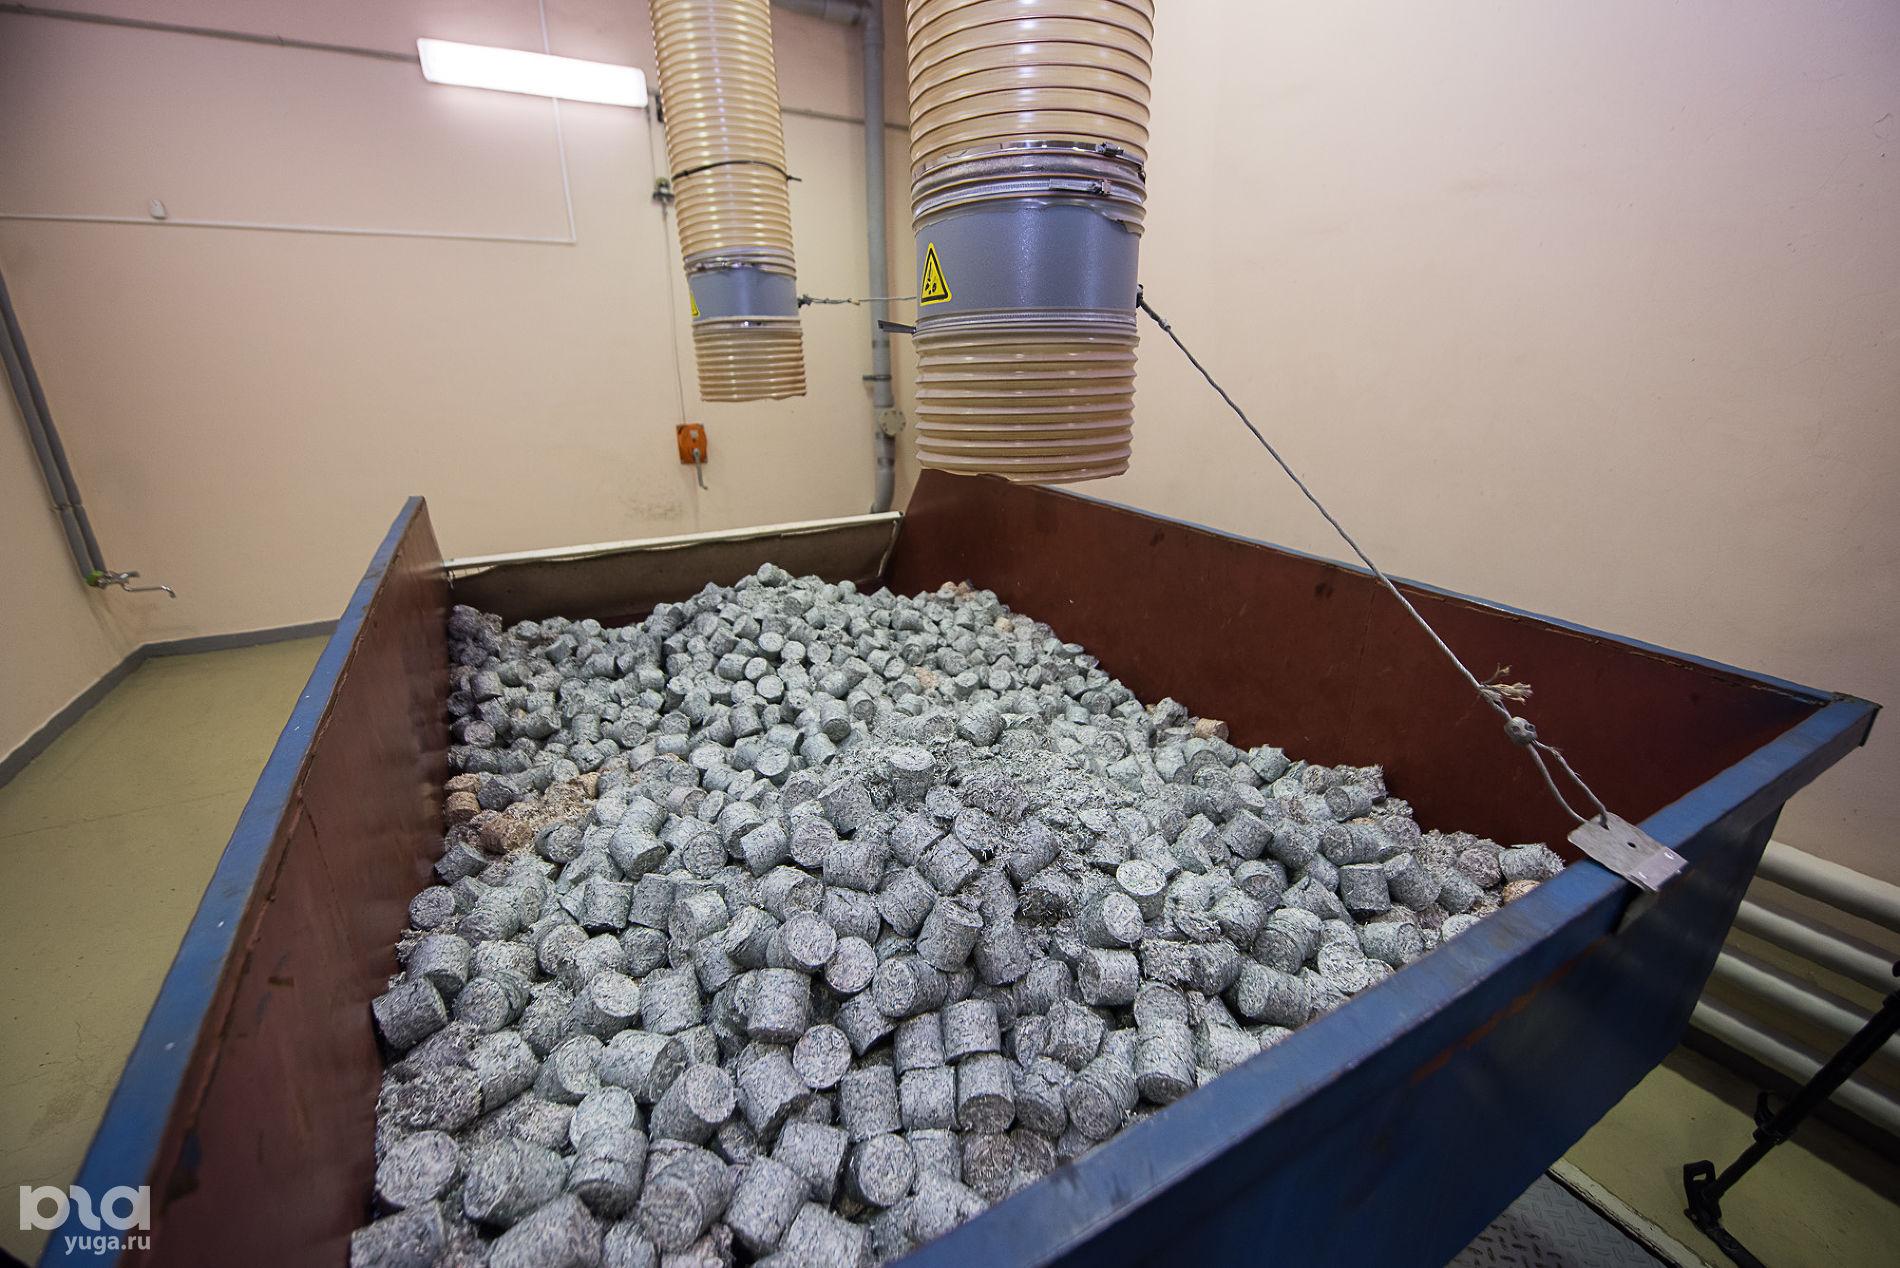 Спрессованные брикеты из купюр после утилизации ©Фото Елены Синеок, Юга.ру